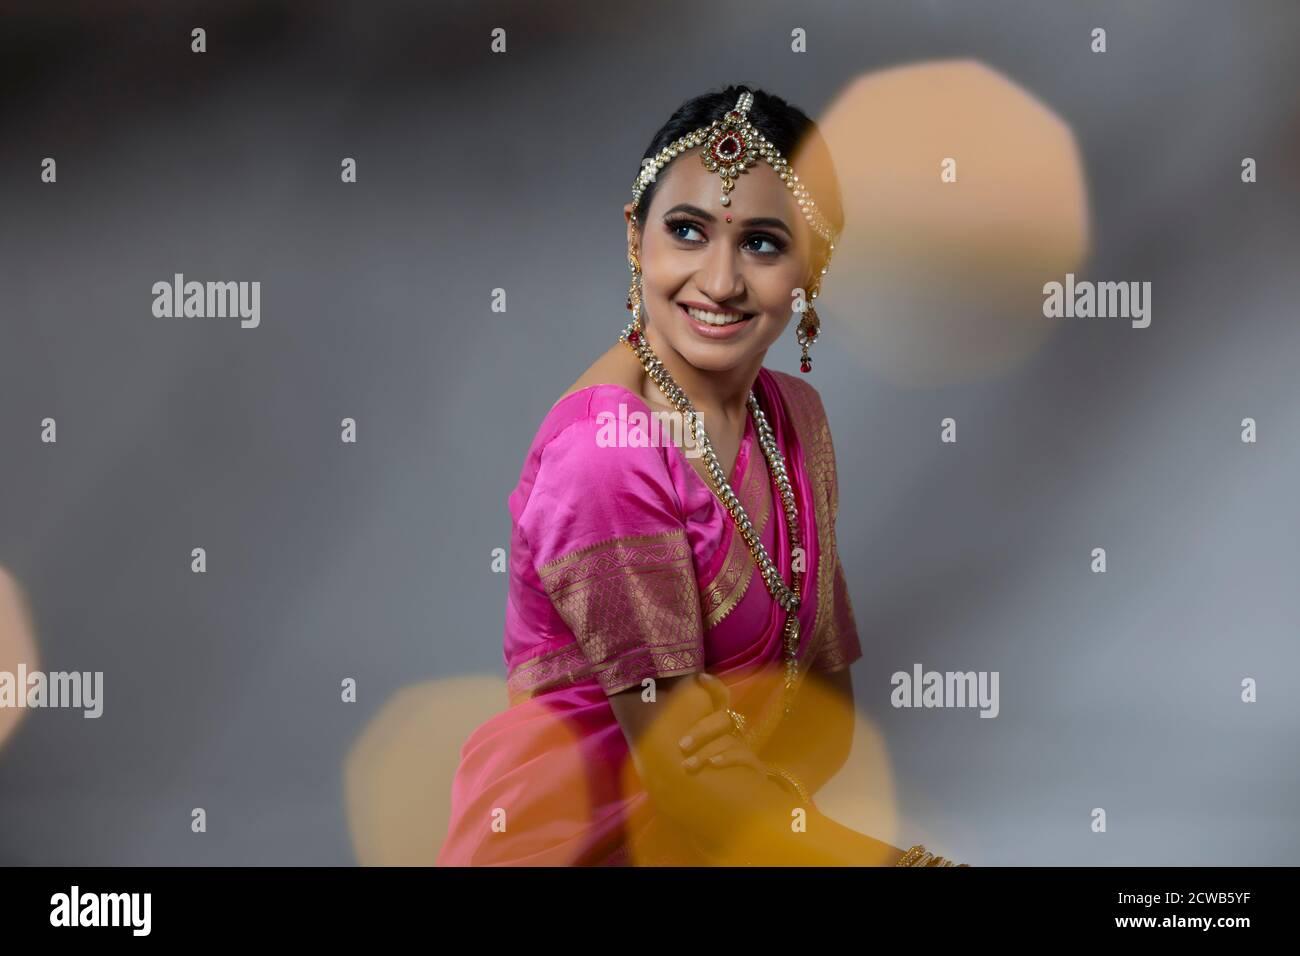 Portrait d'une dame dans une belle saree rose souriante Banque D'Images